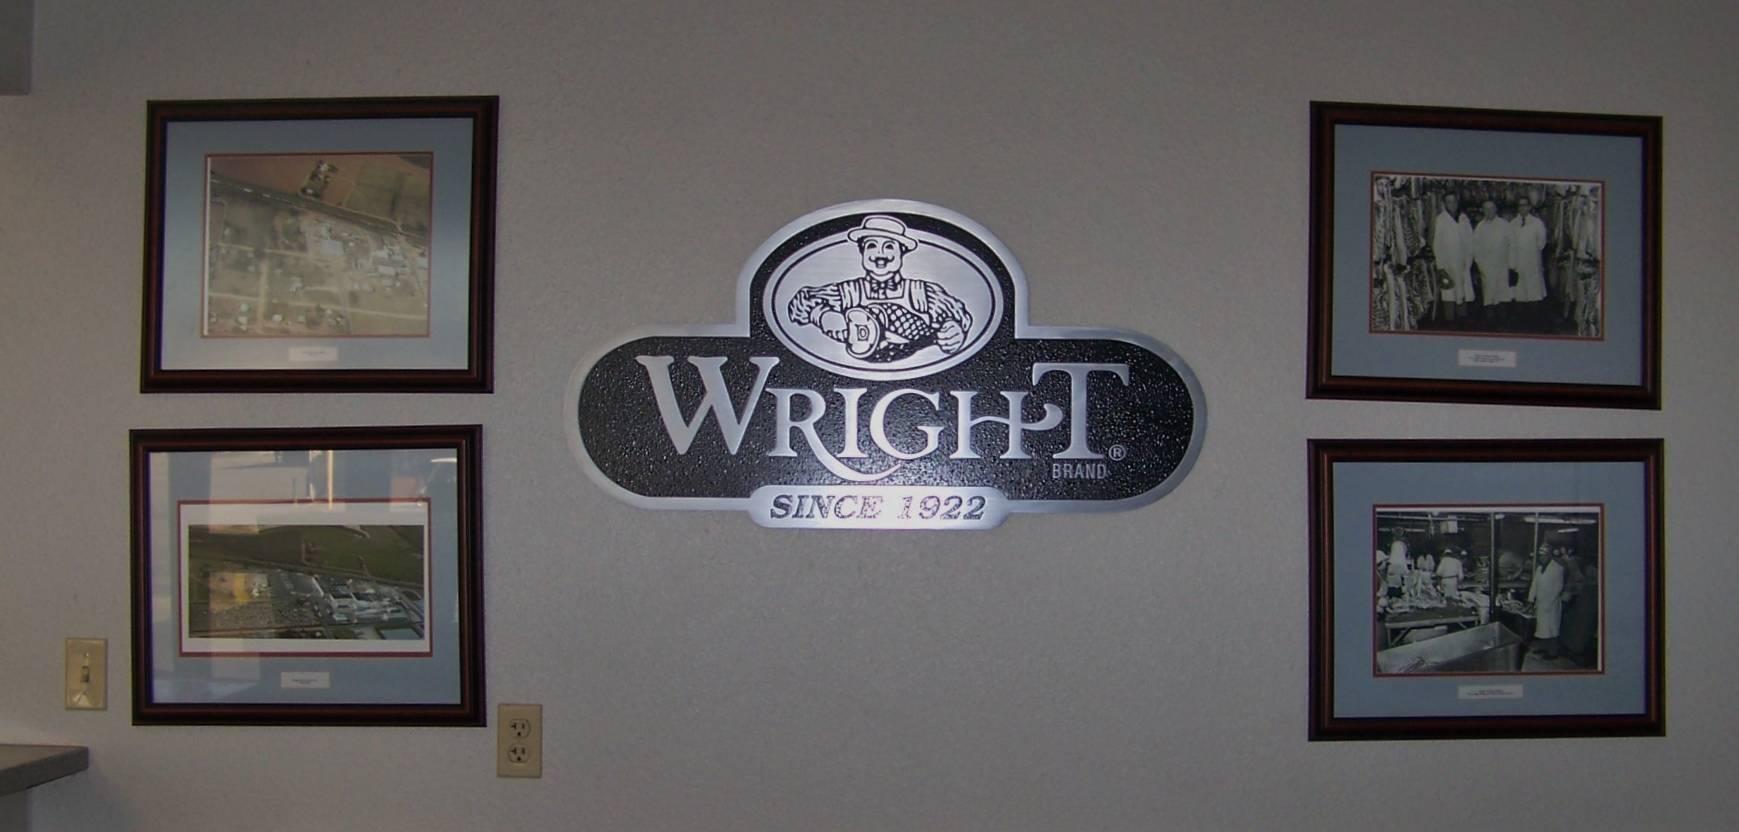 Wright's Bacon/Tyson